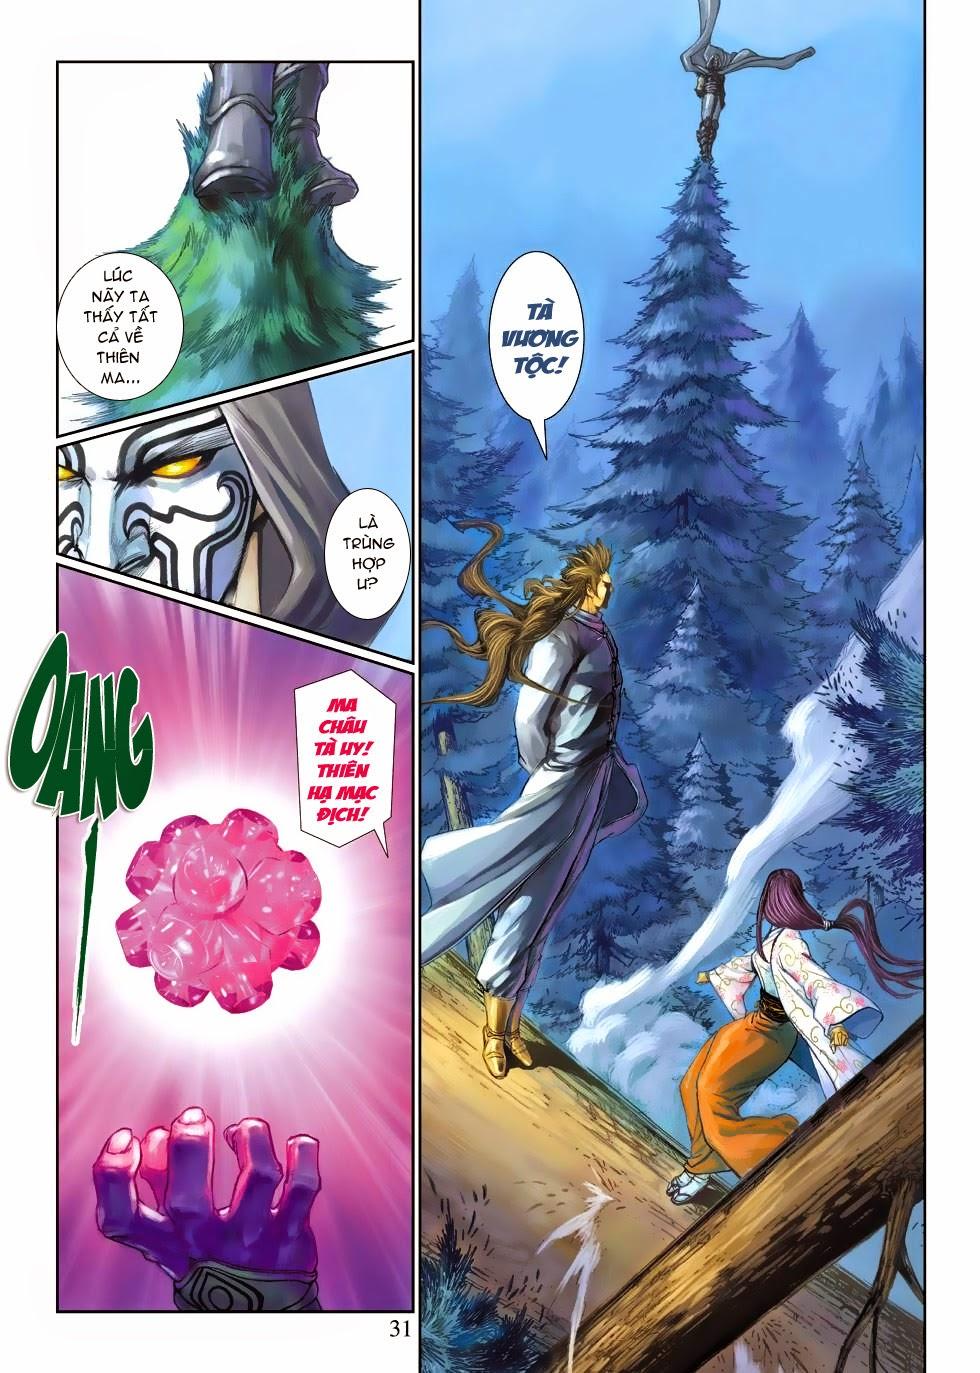 Thần Binh Tiền Truyện 4 - Huyền Thiên Tà Đế chap 3 - Trang 31